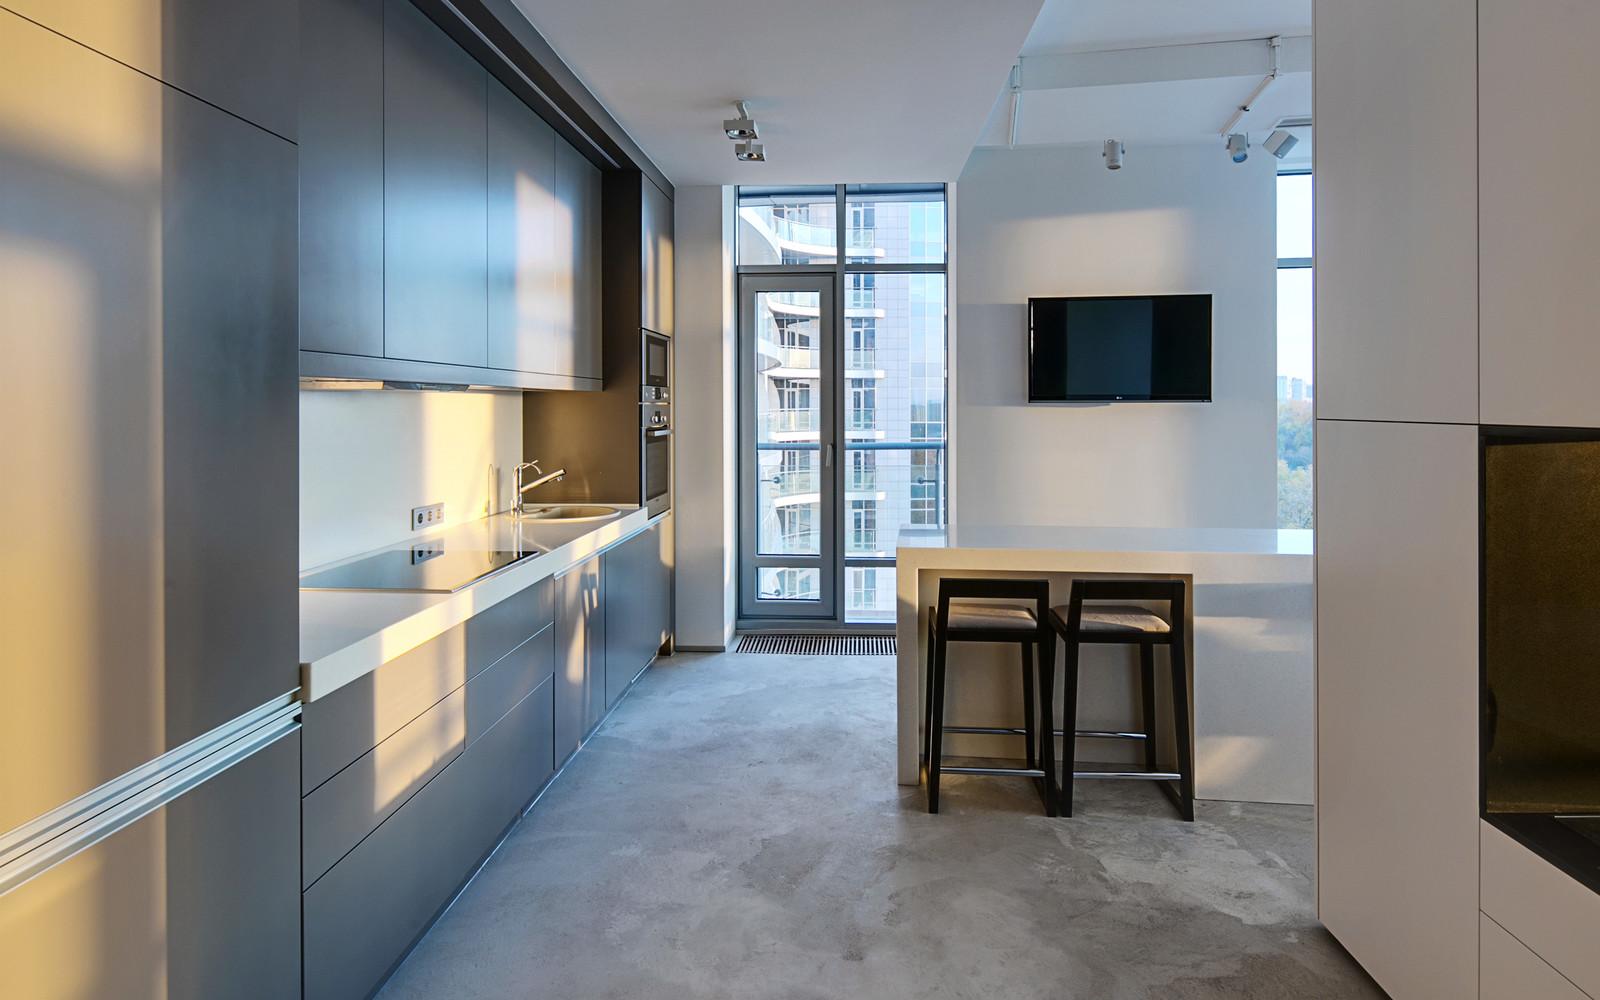 панорамни прозорци и свобода в просторния градски апартамент_18